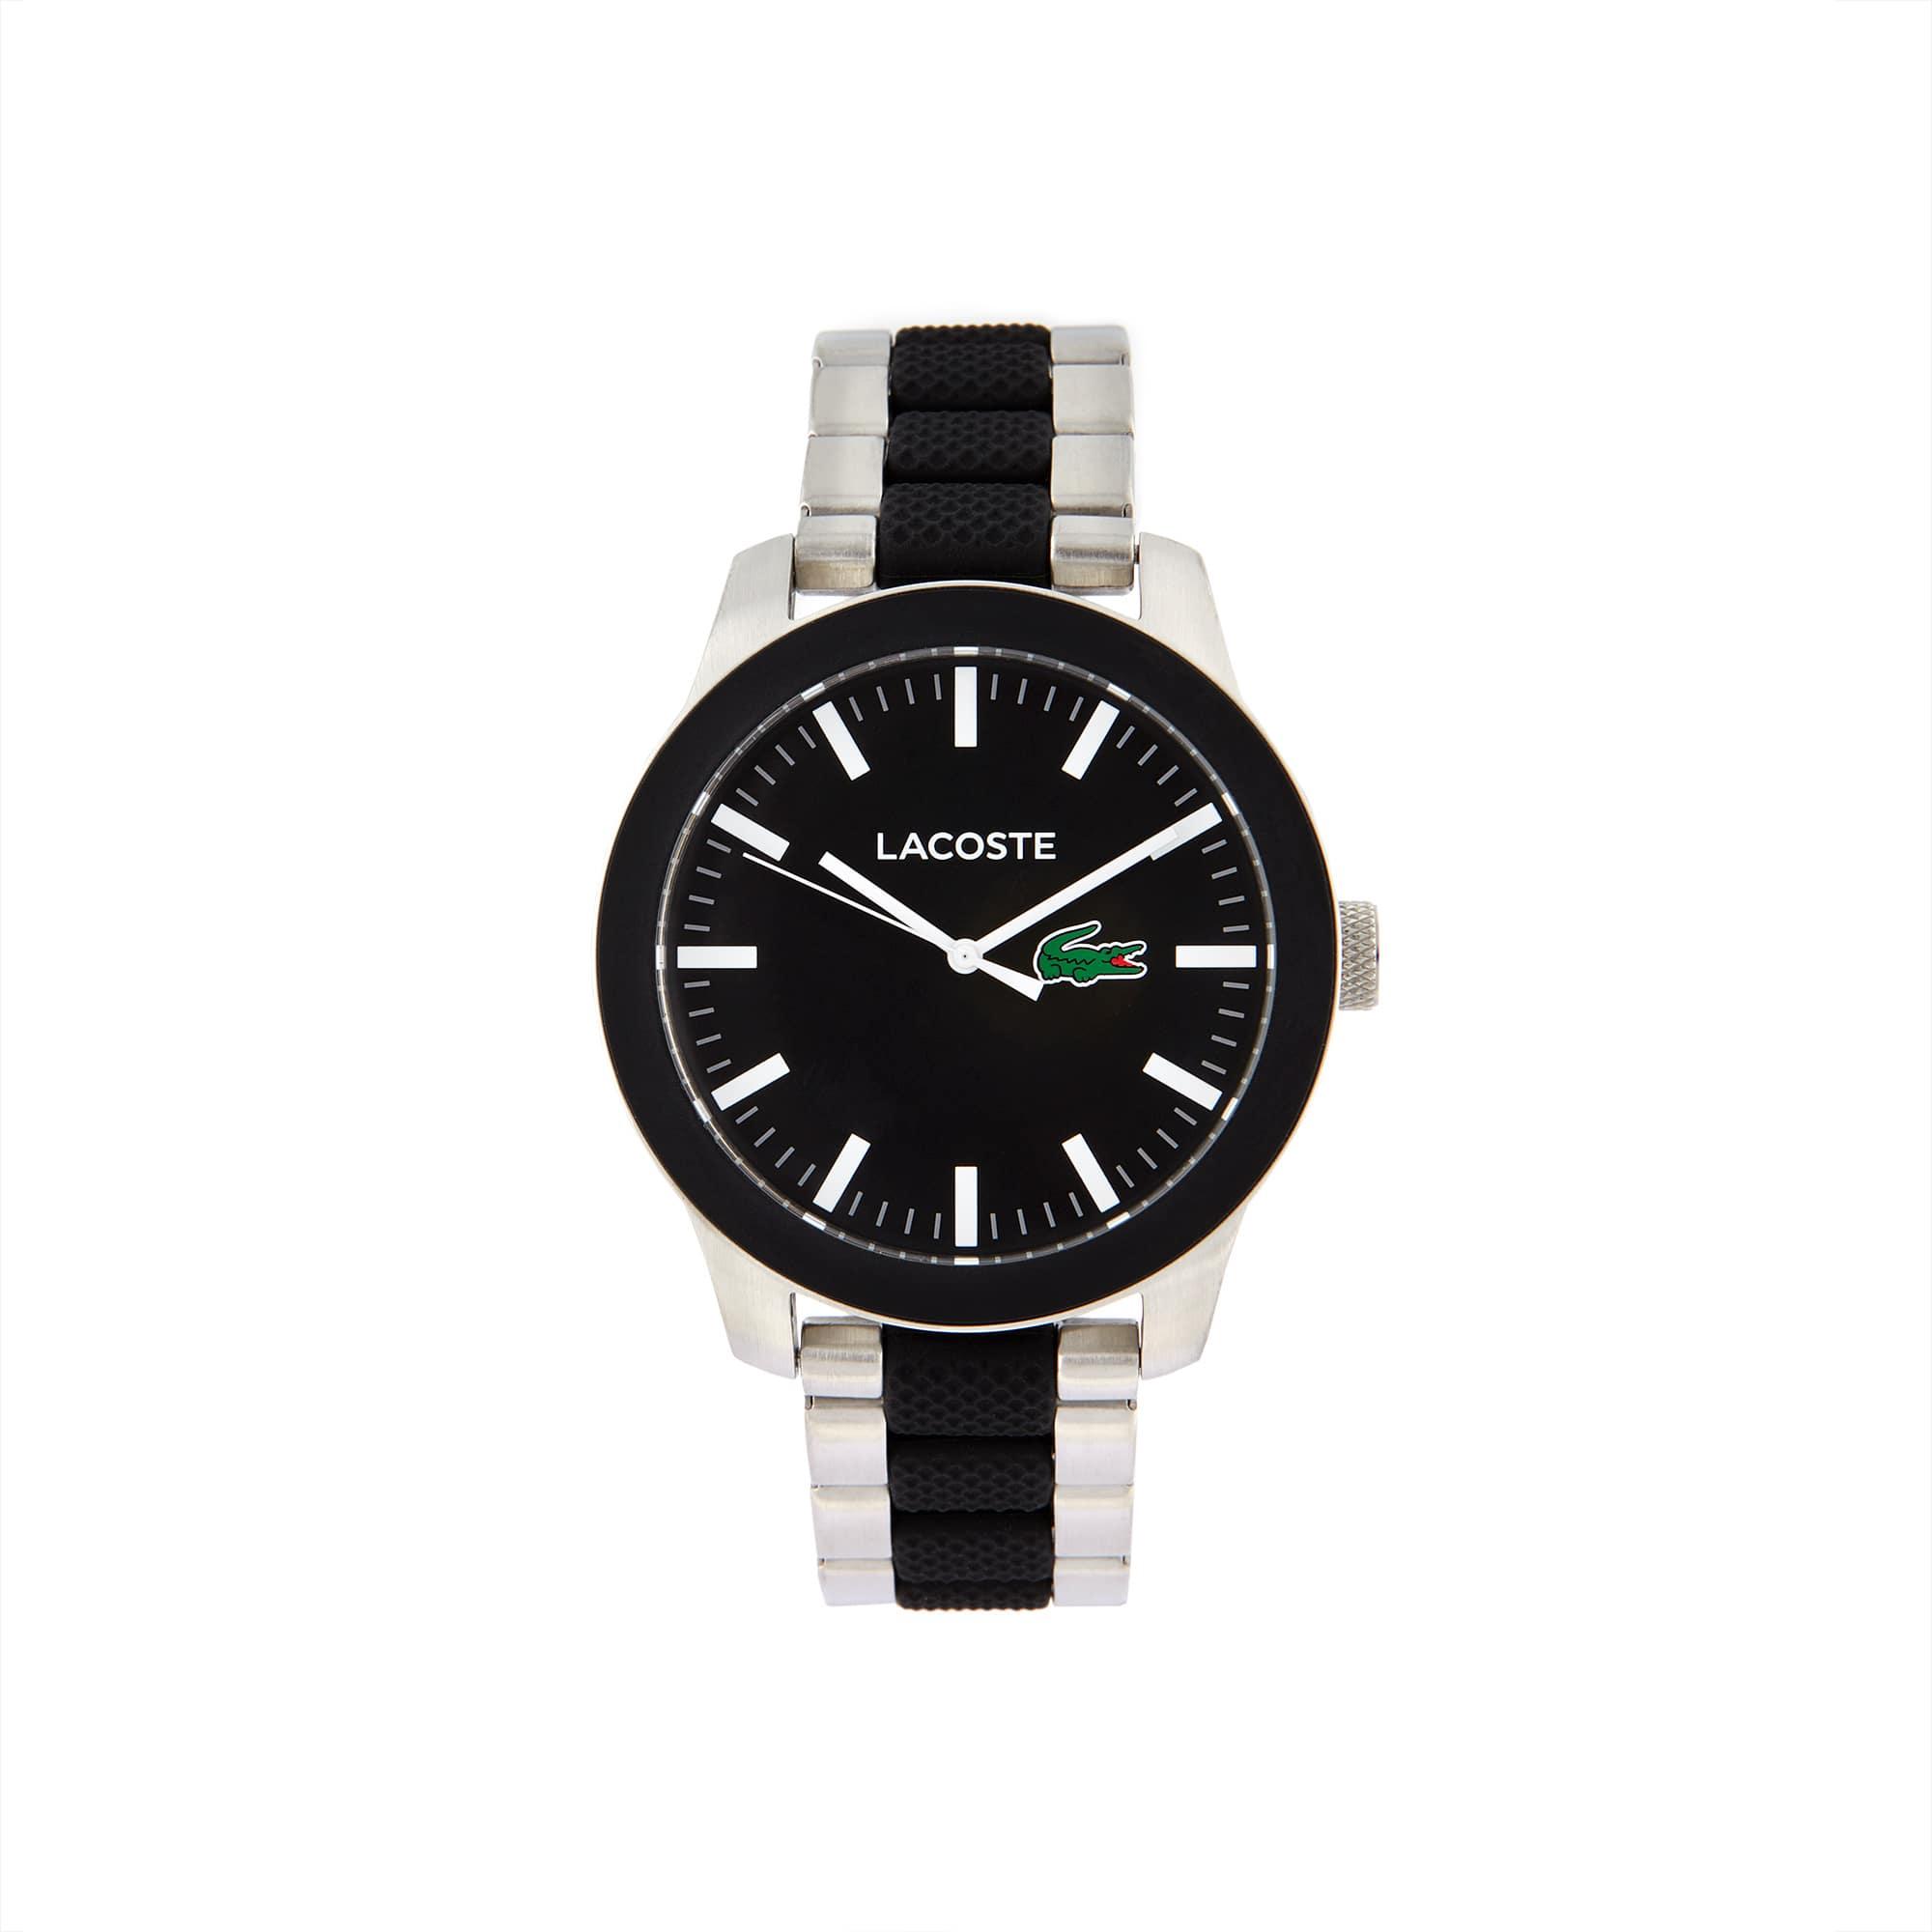 Men's Lacoste 12.12 Watch with Black Steel Strap